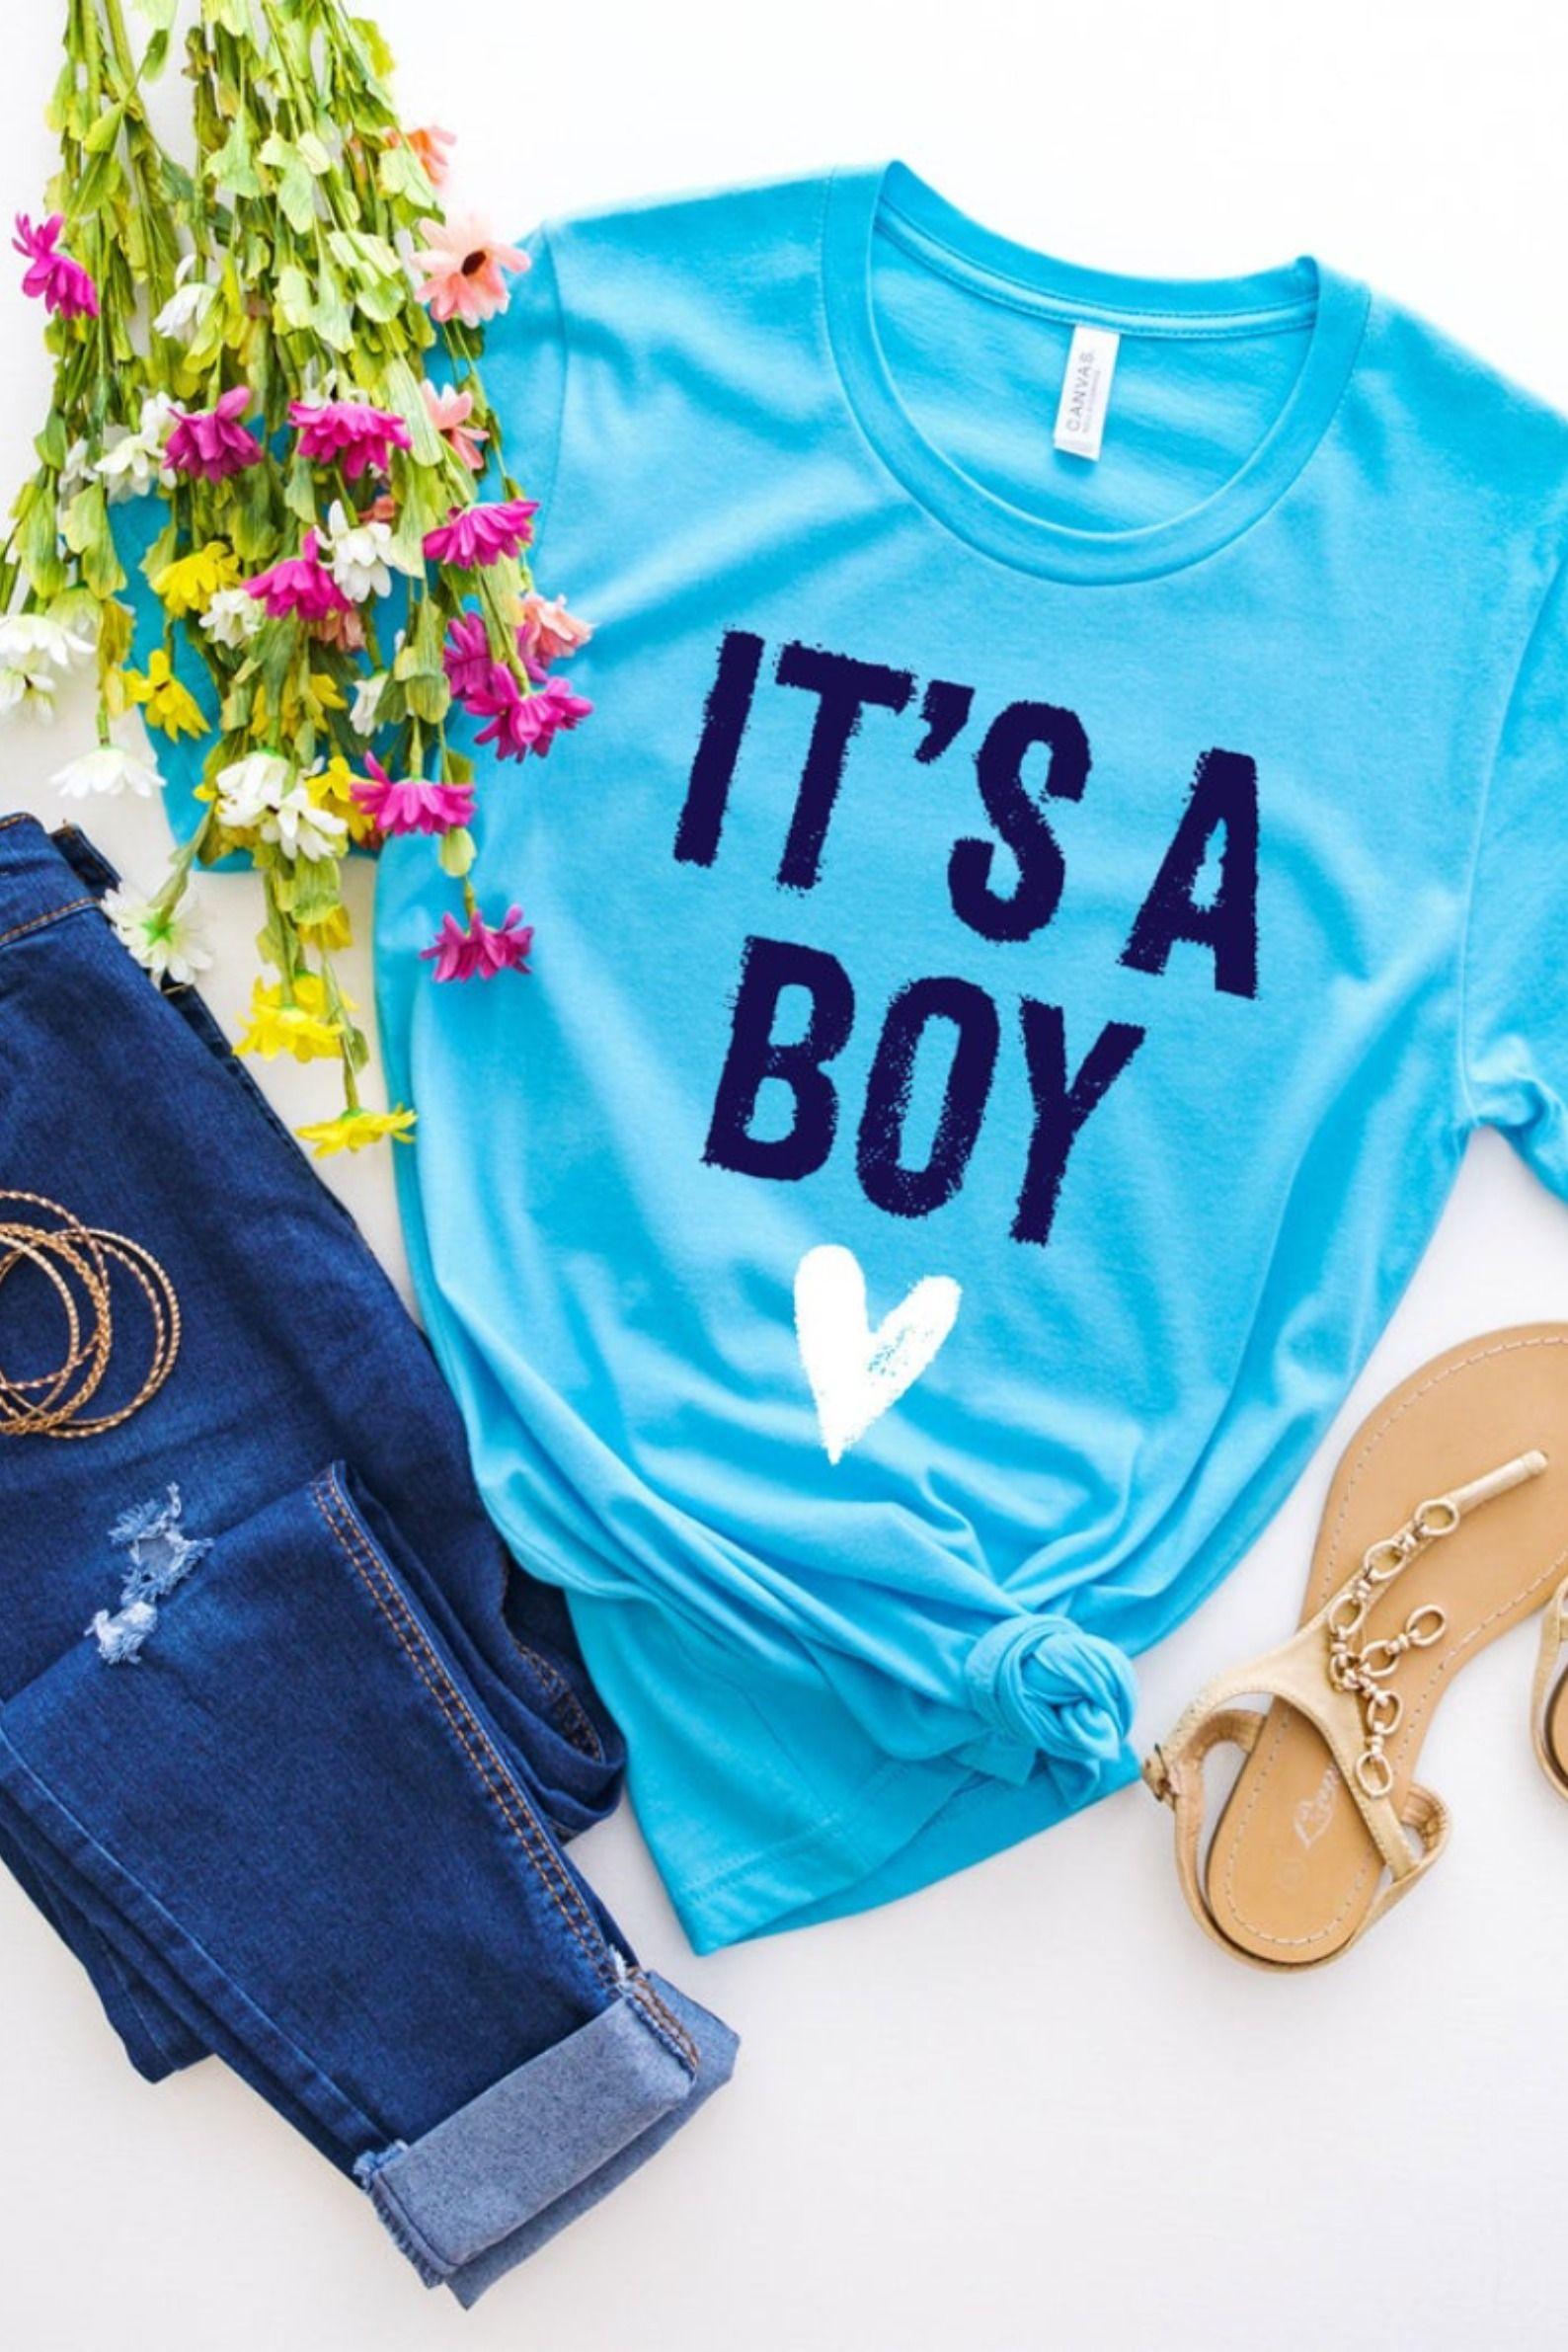 Its A Boy Shirt, Boy Baby Shower, Its A Boy, Baby Boy, Baby Boy Reveal, Boy Mom, Maternity, New Mom